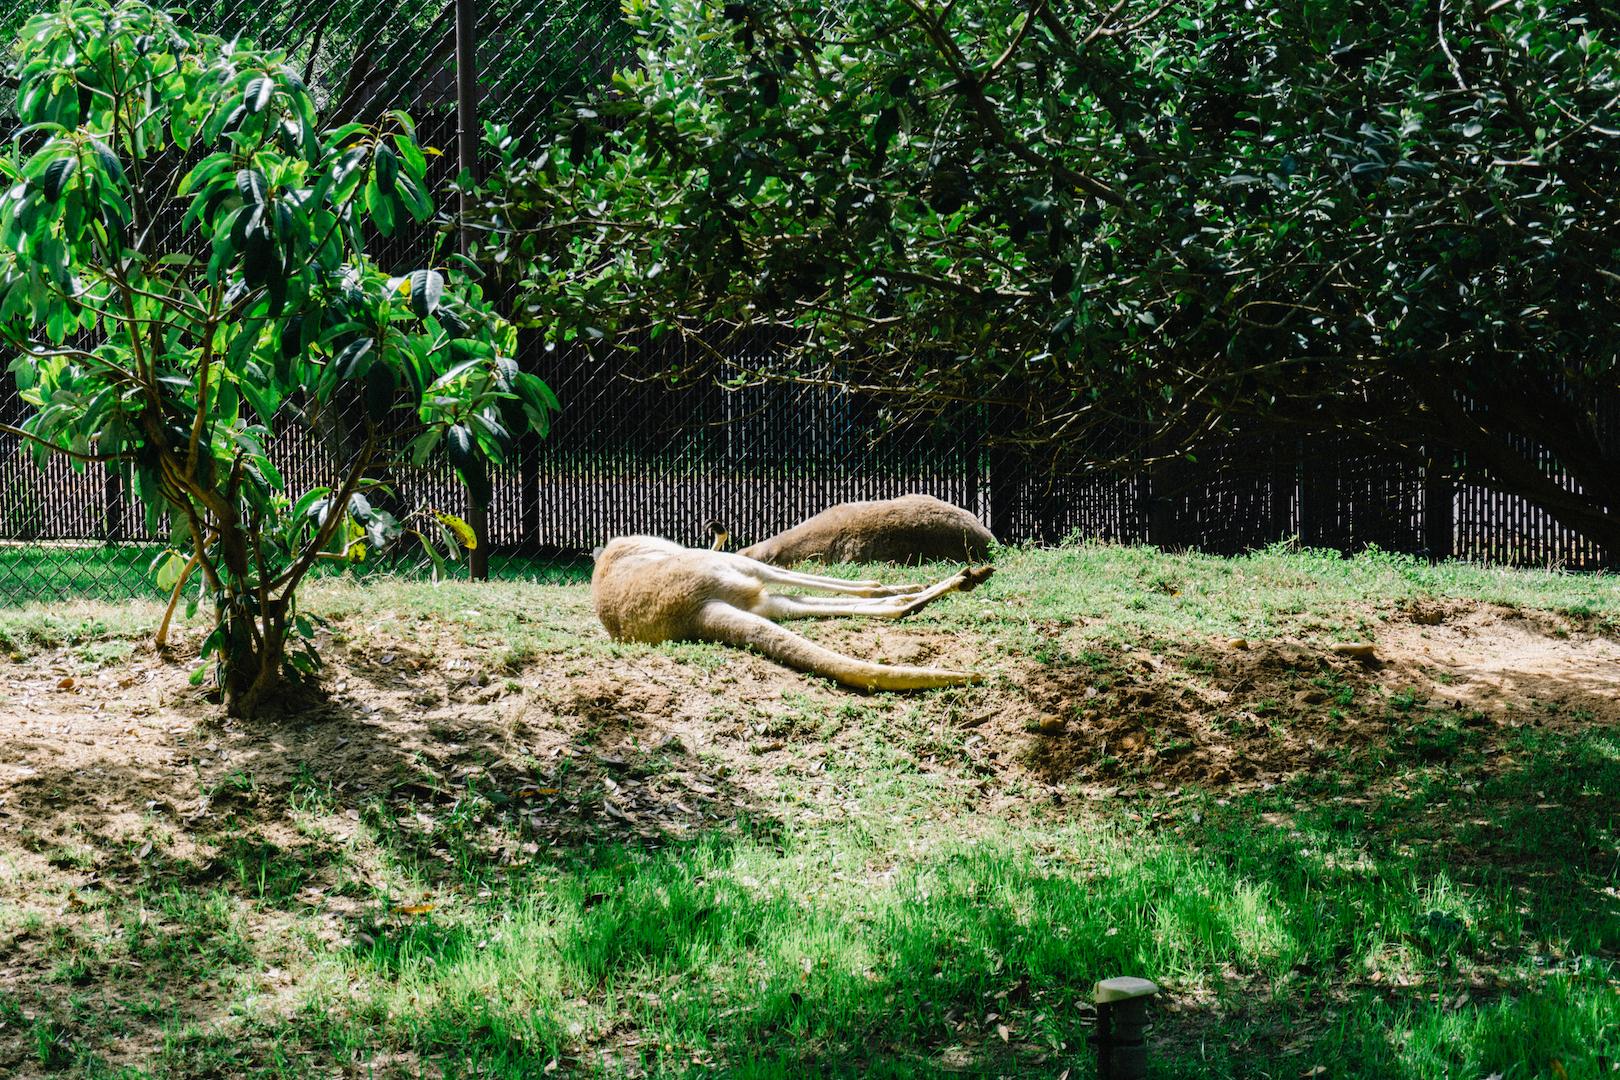 Kangaroos at Riverbanks Zoo